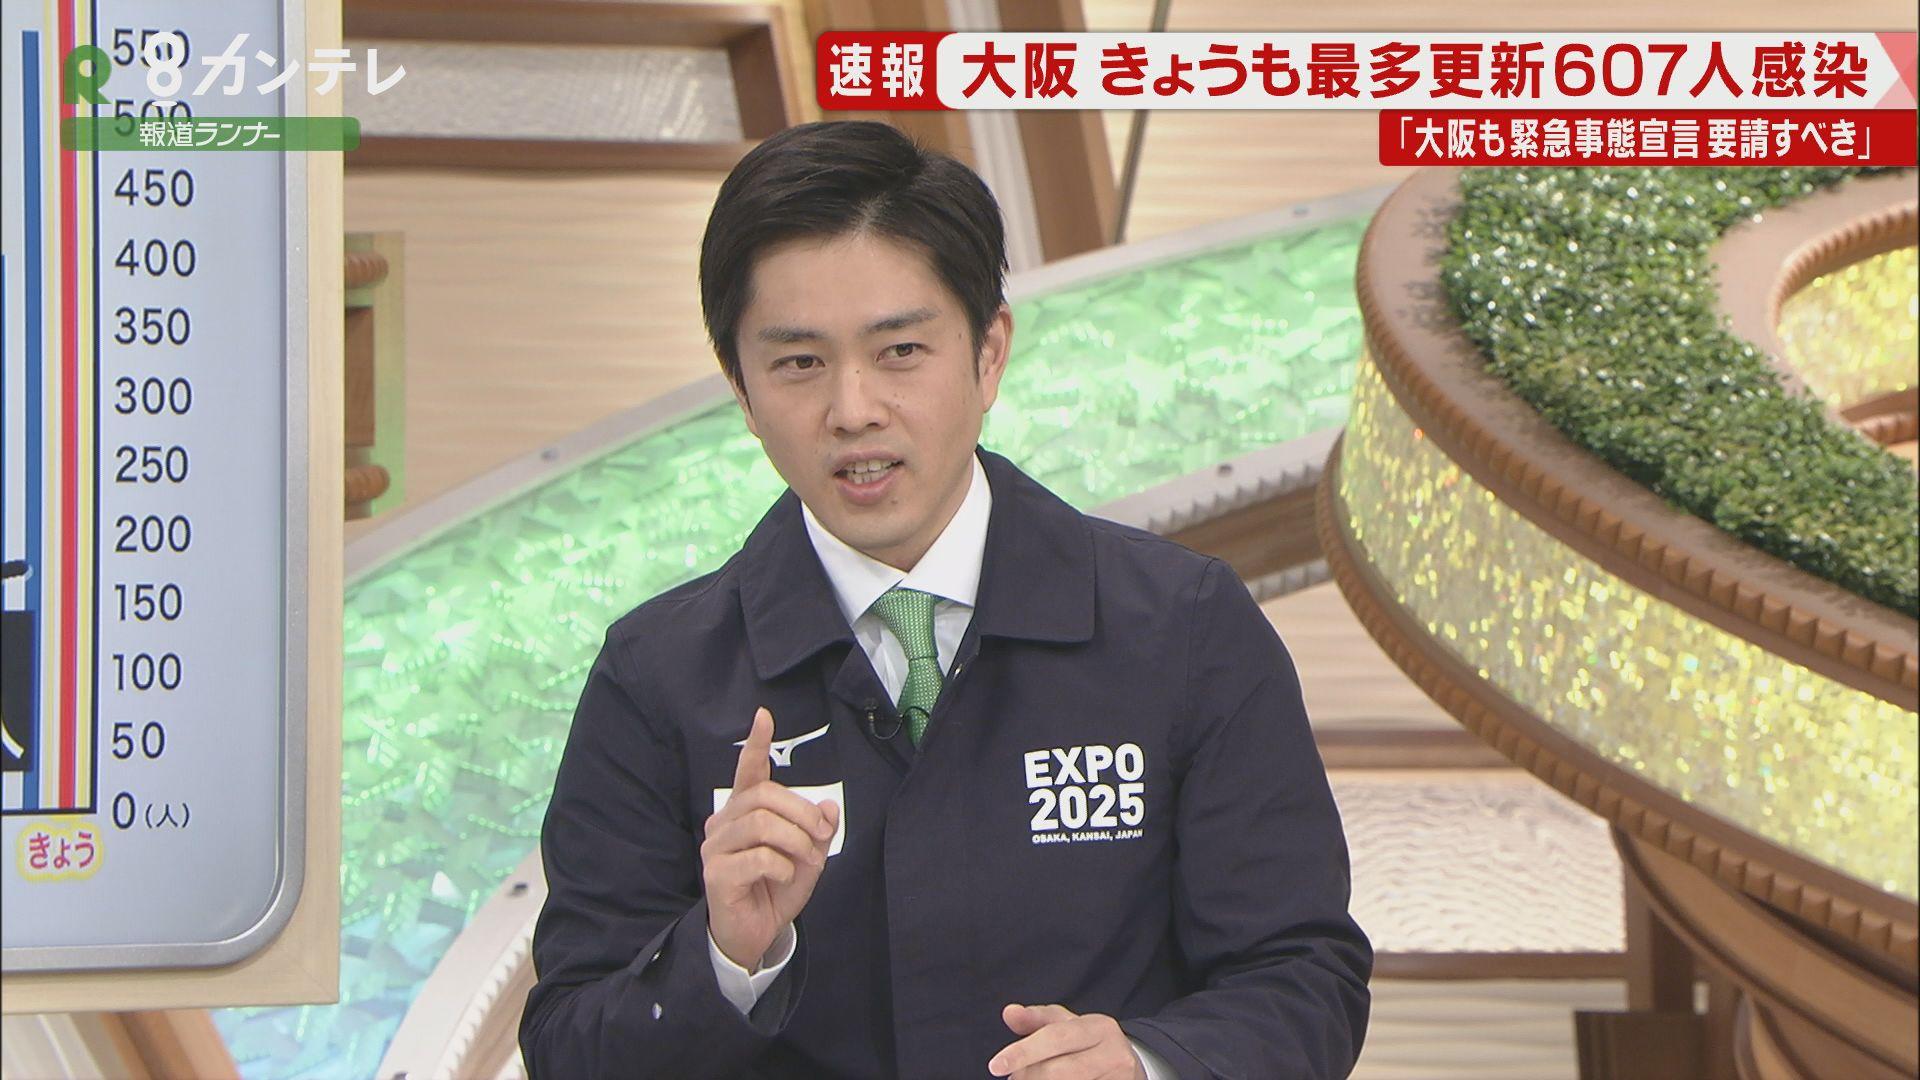 """吉村知事「緊急事態宣言の発令は早ければ来週」 大阪の感染者は過去最多の""""607人"""""""